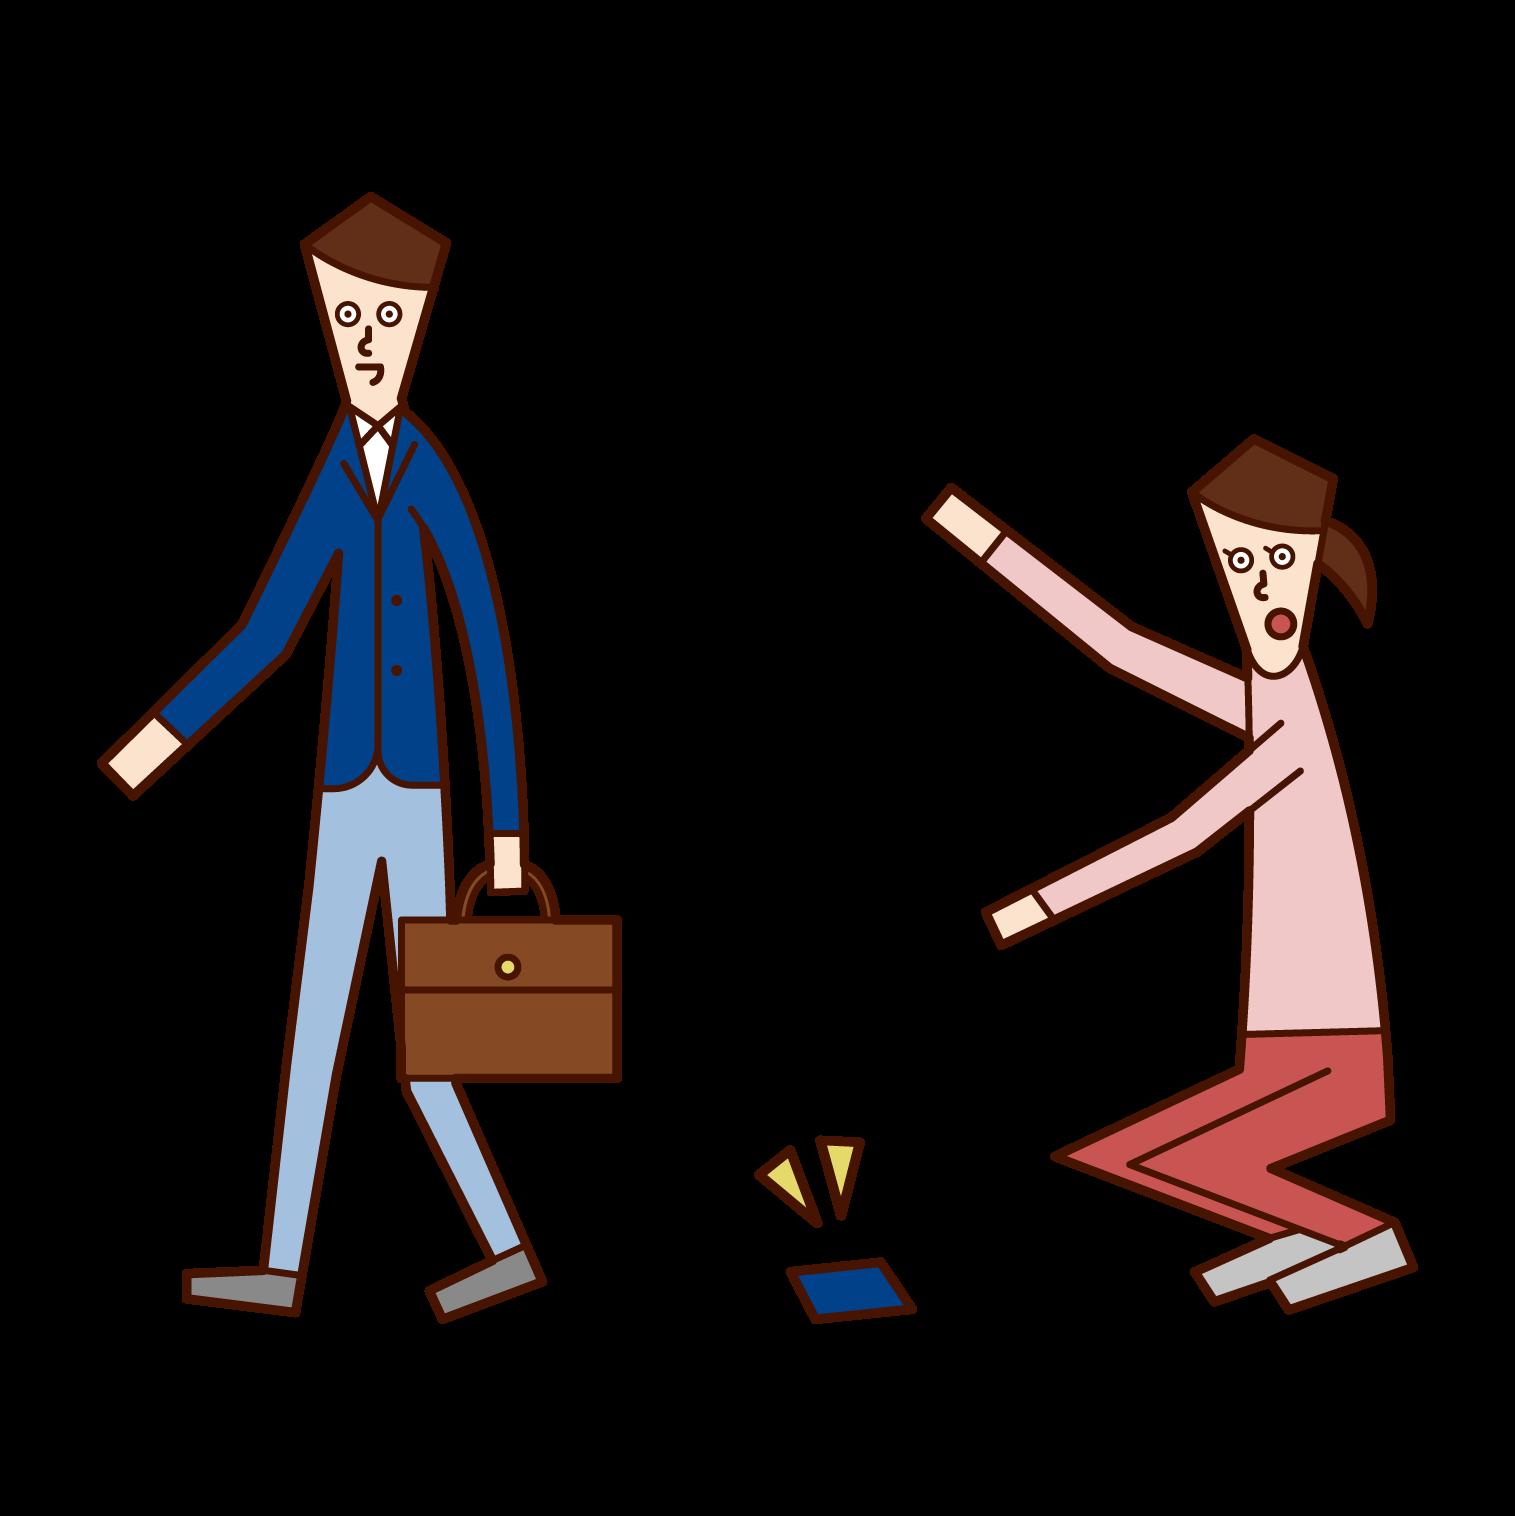 落し物を拾う人(女性)のイラスト